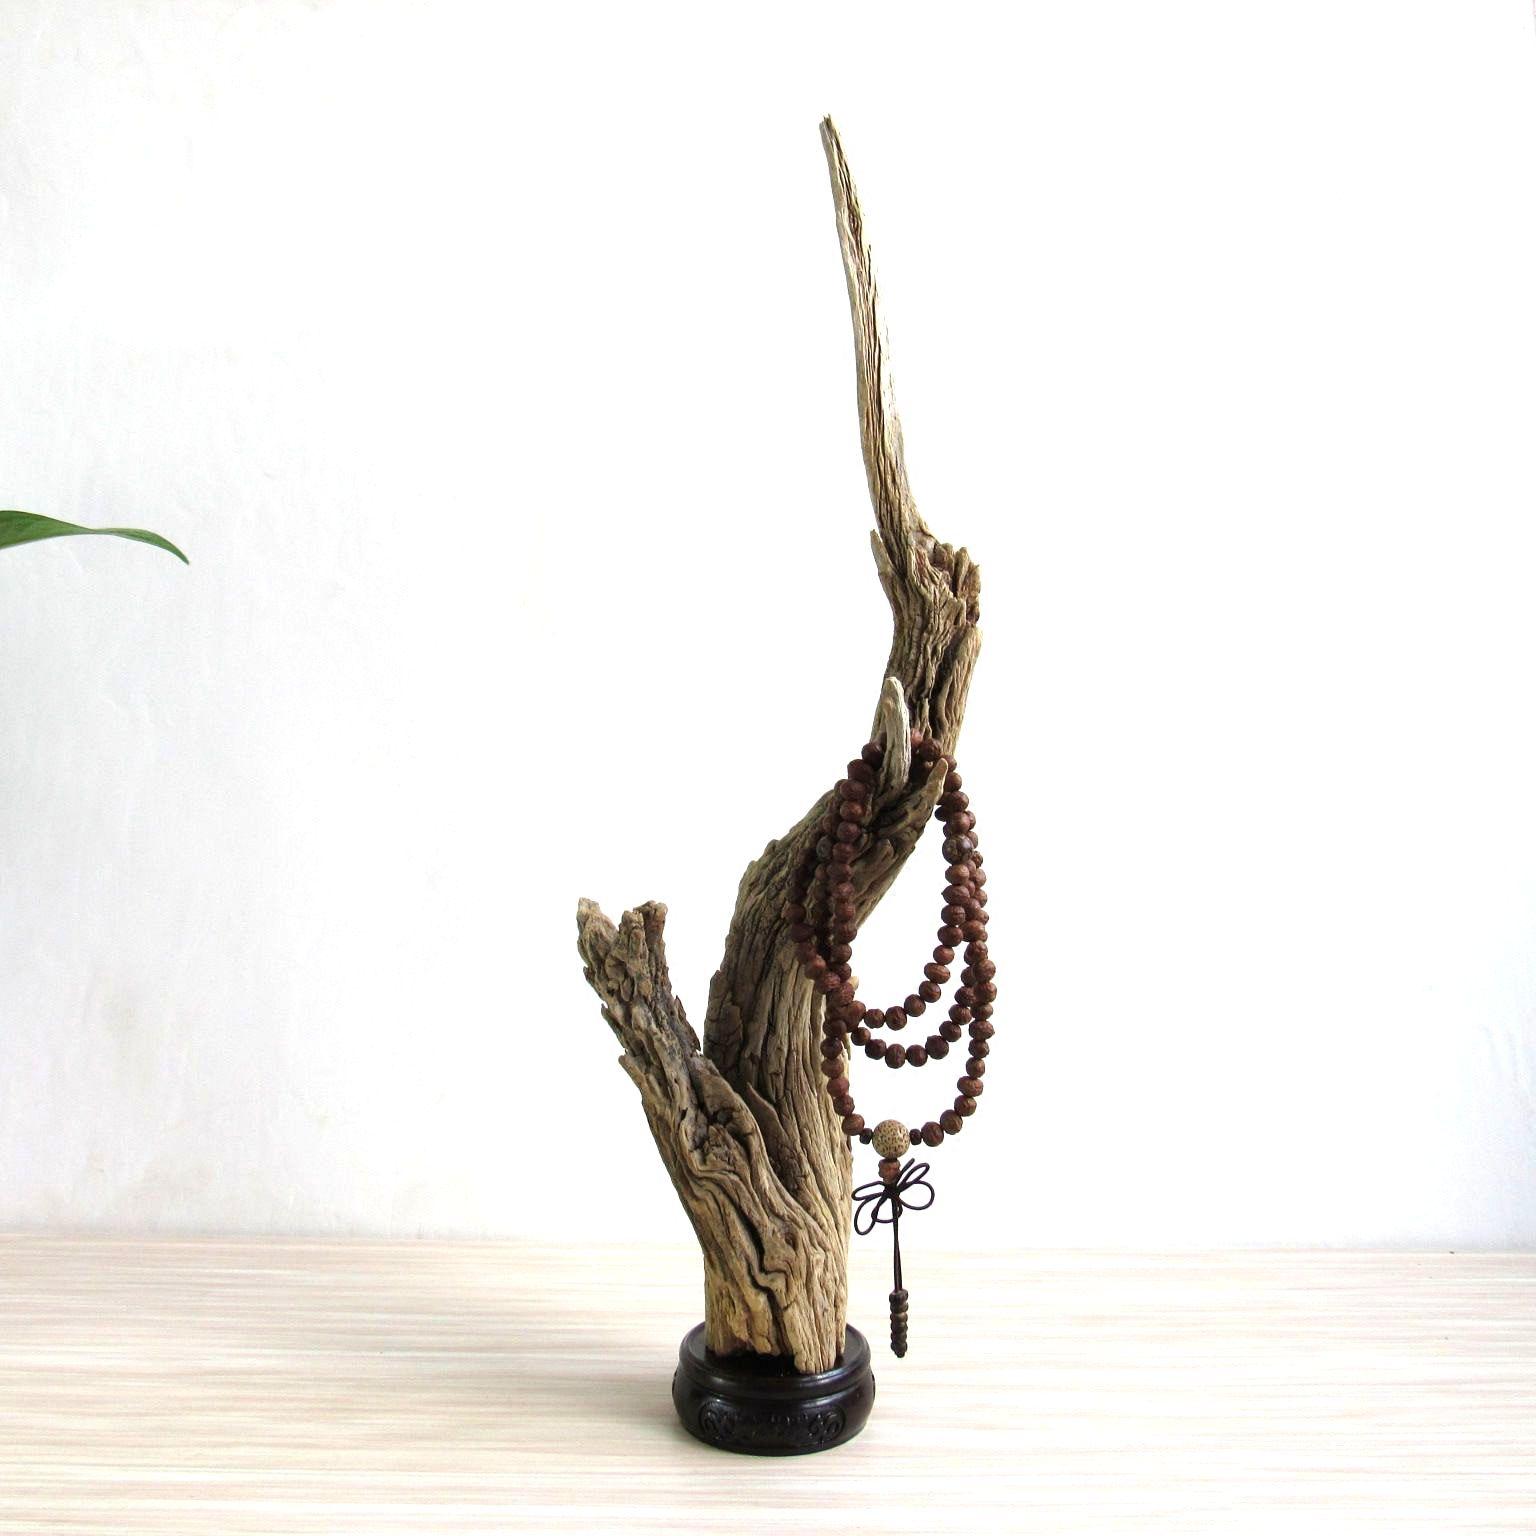 自然创意 千年胡杨枯木风化木随形摆件 家居客厅书房珠串笔架饰品